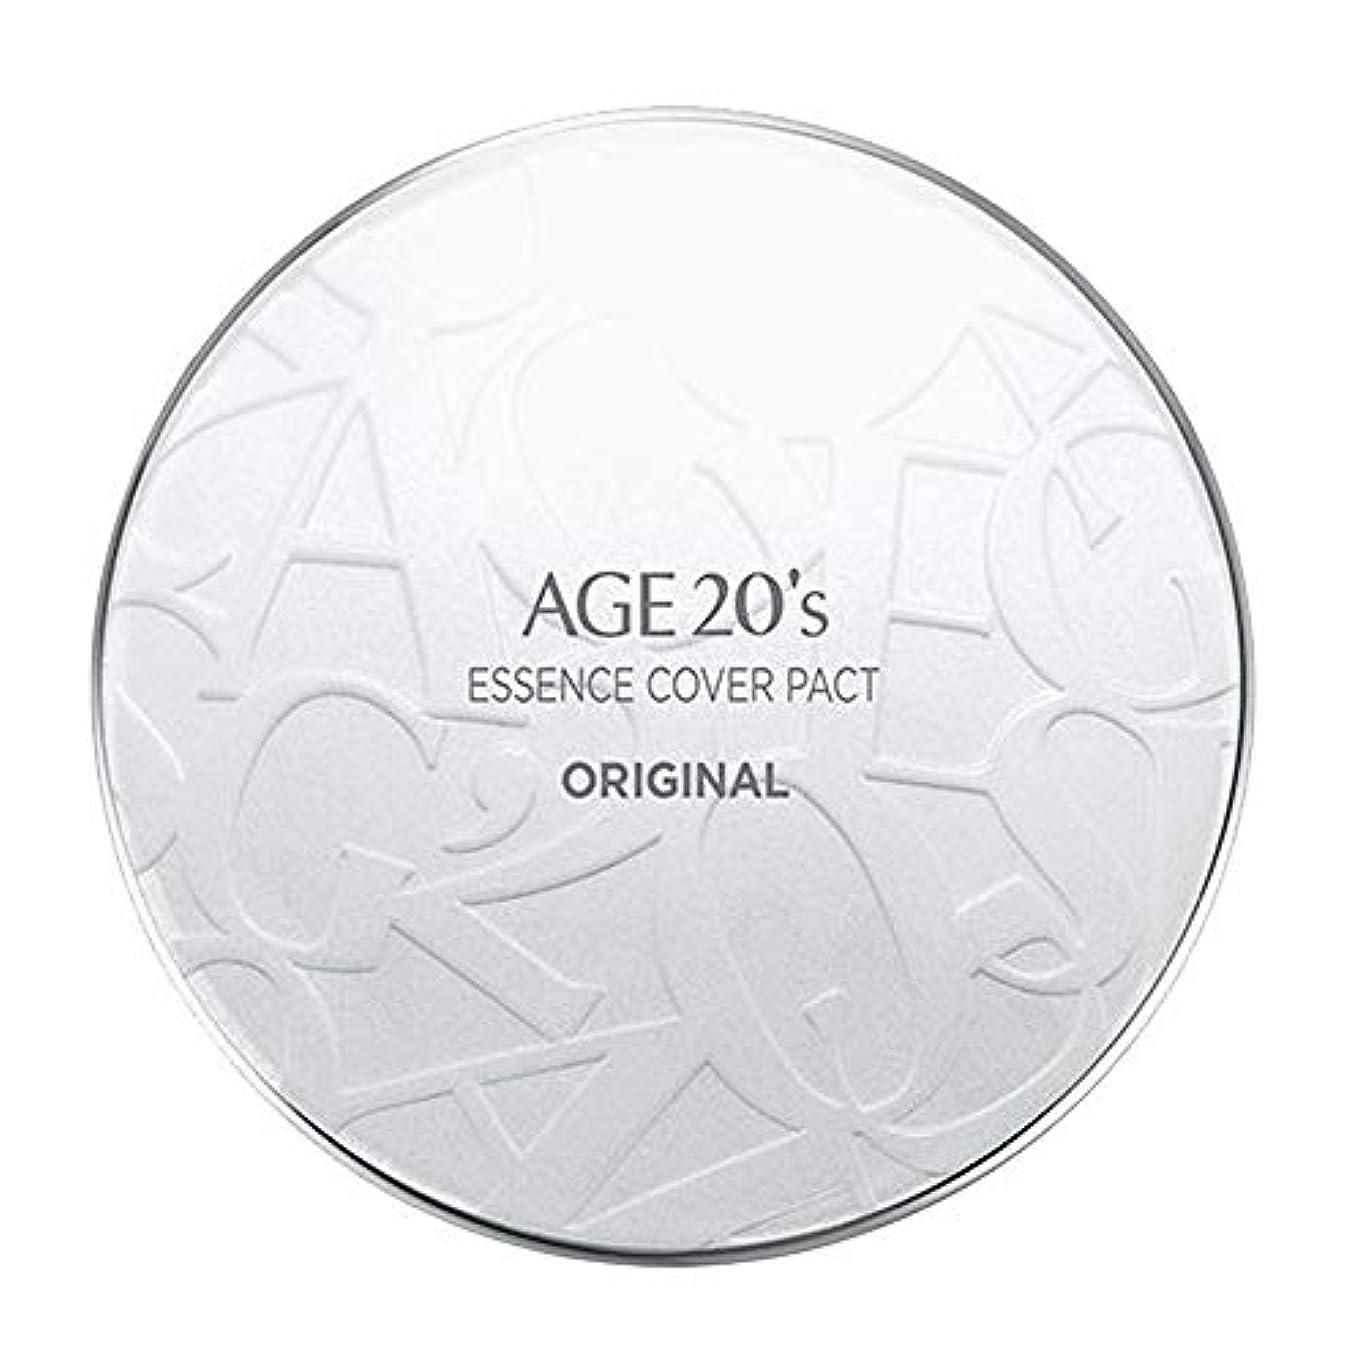 酸度仕事に行く除去AGE 20's(エイジ20's) エッセンスカバーパクトオリジナル(本品1個+リフィル2個付)ケースカラーホワイト (21号)